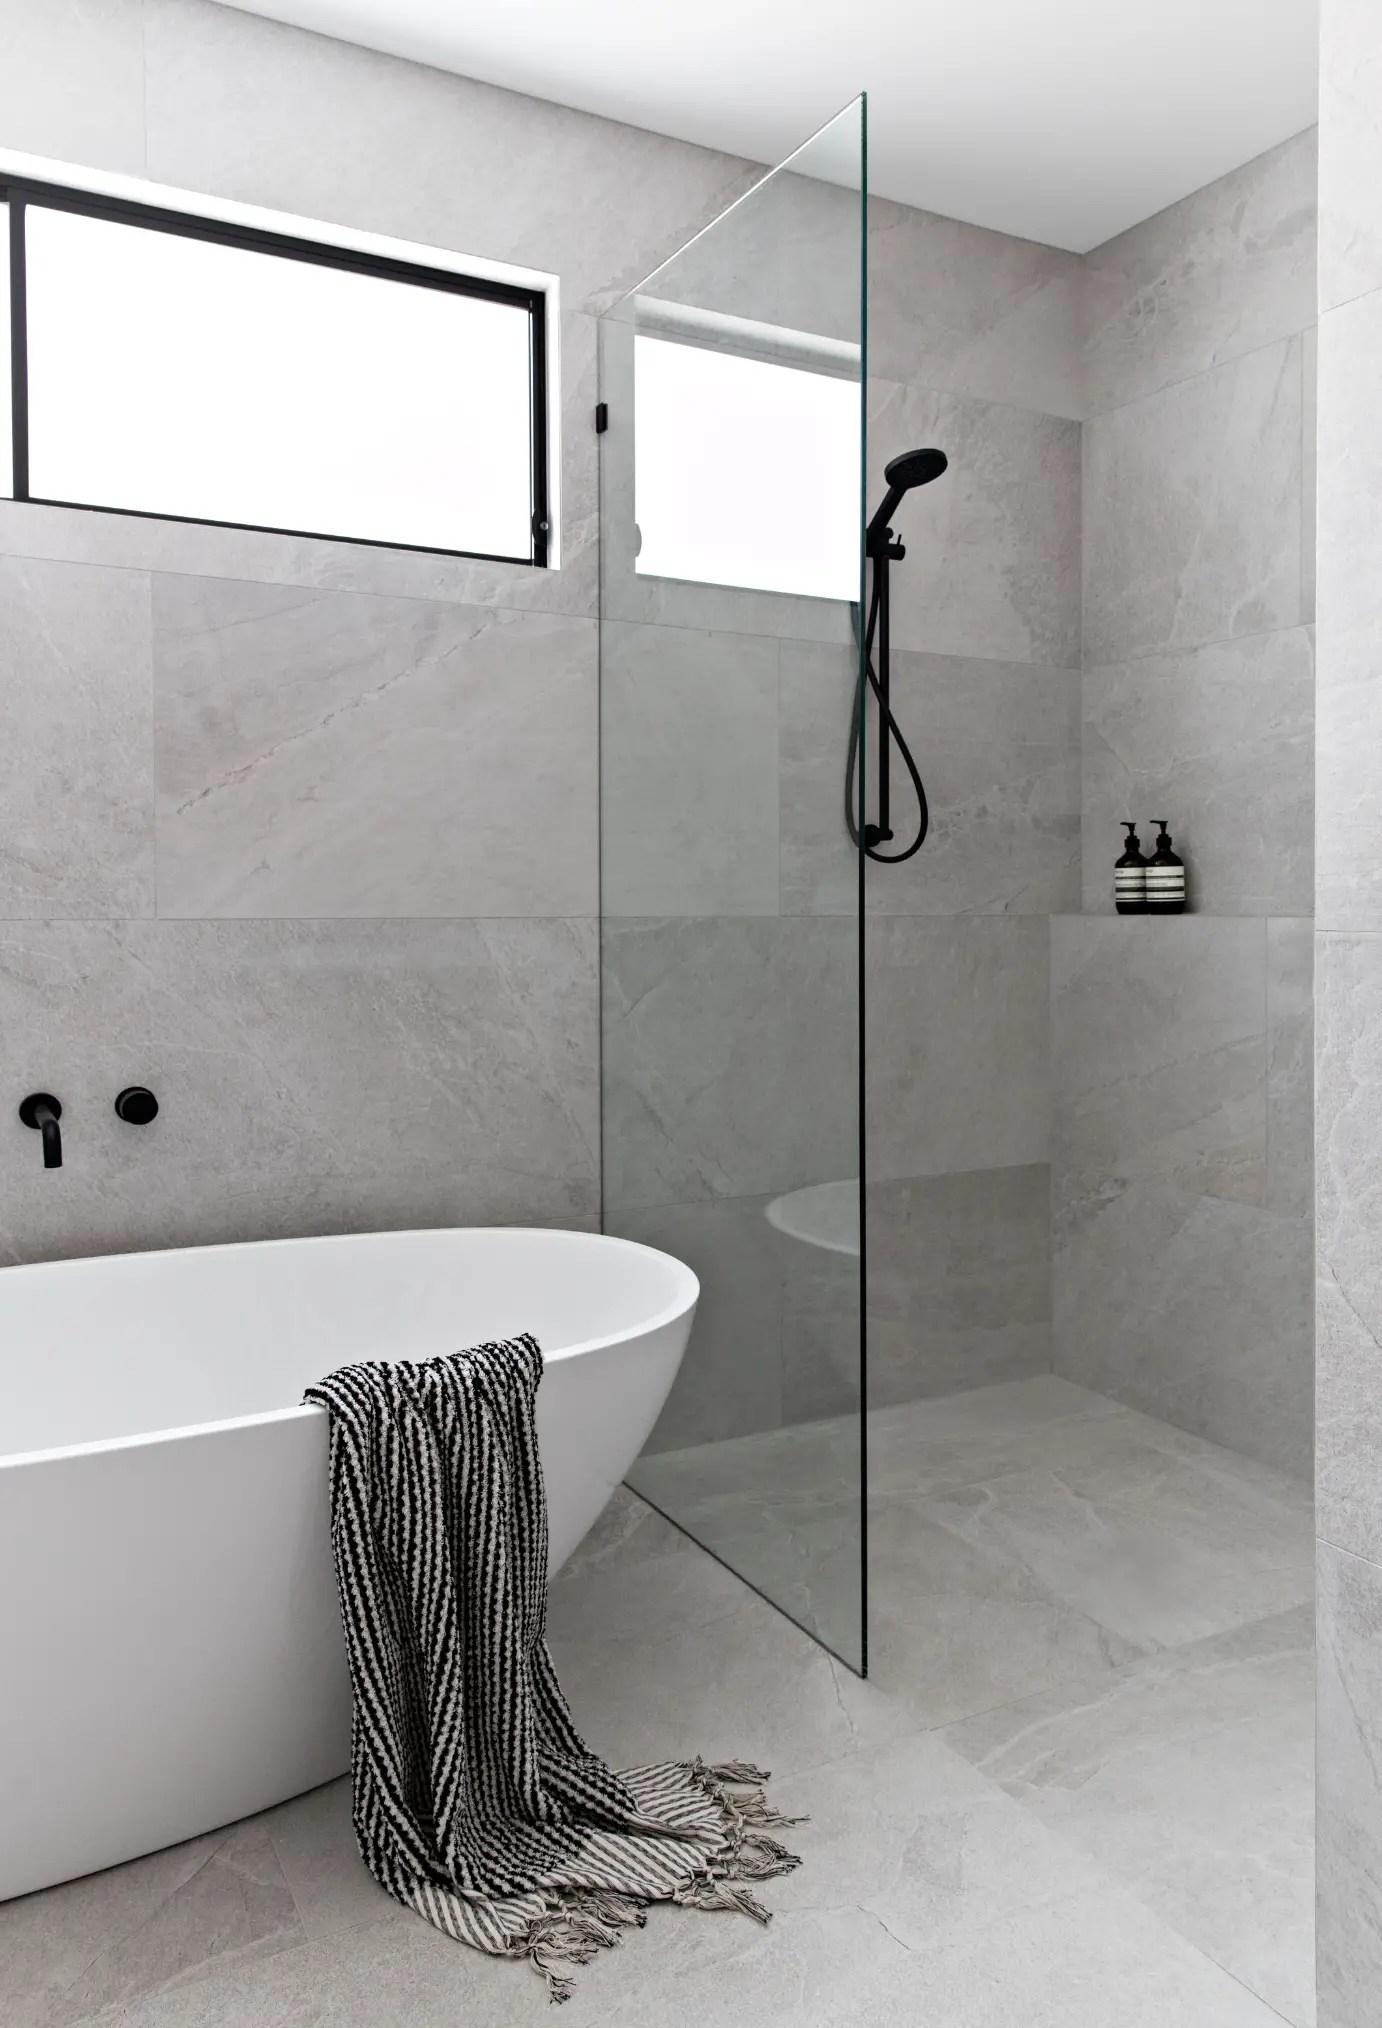 Avec cette tendance déco 2020 cette salle de bain semble plus grande avec les grands carreaux en pierre gris.